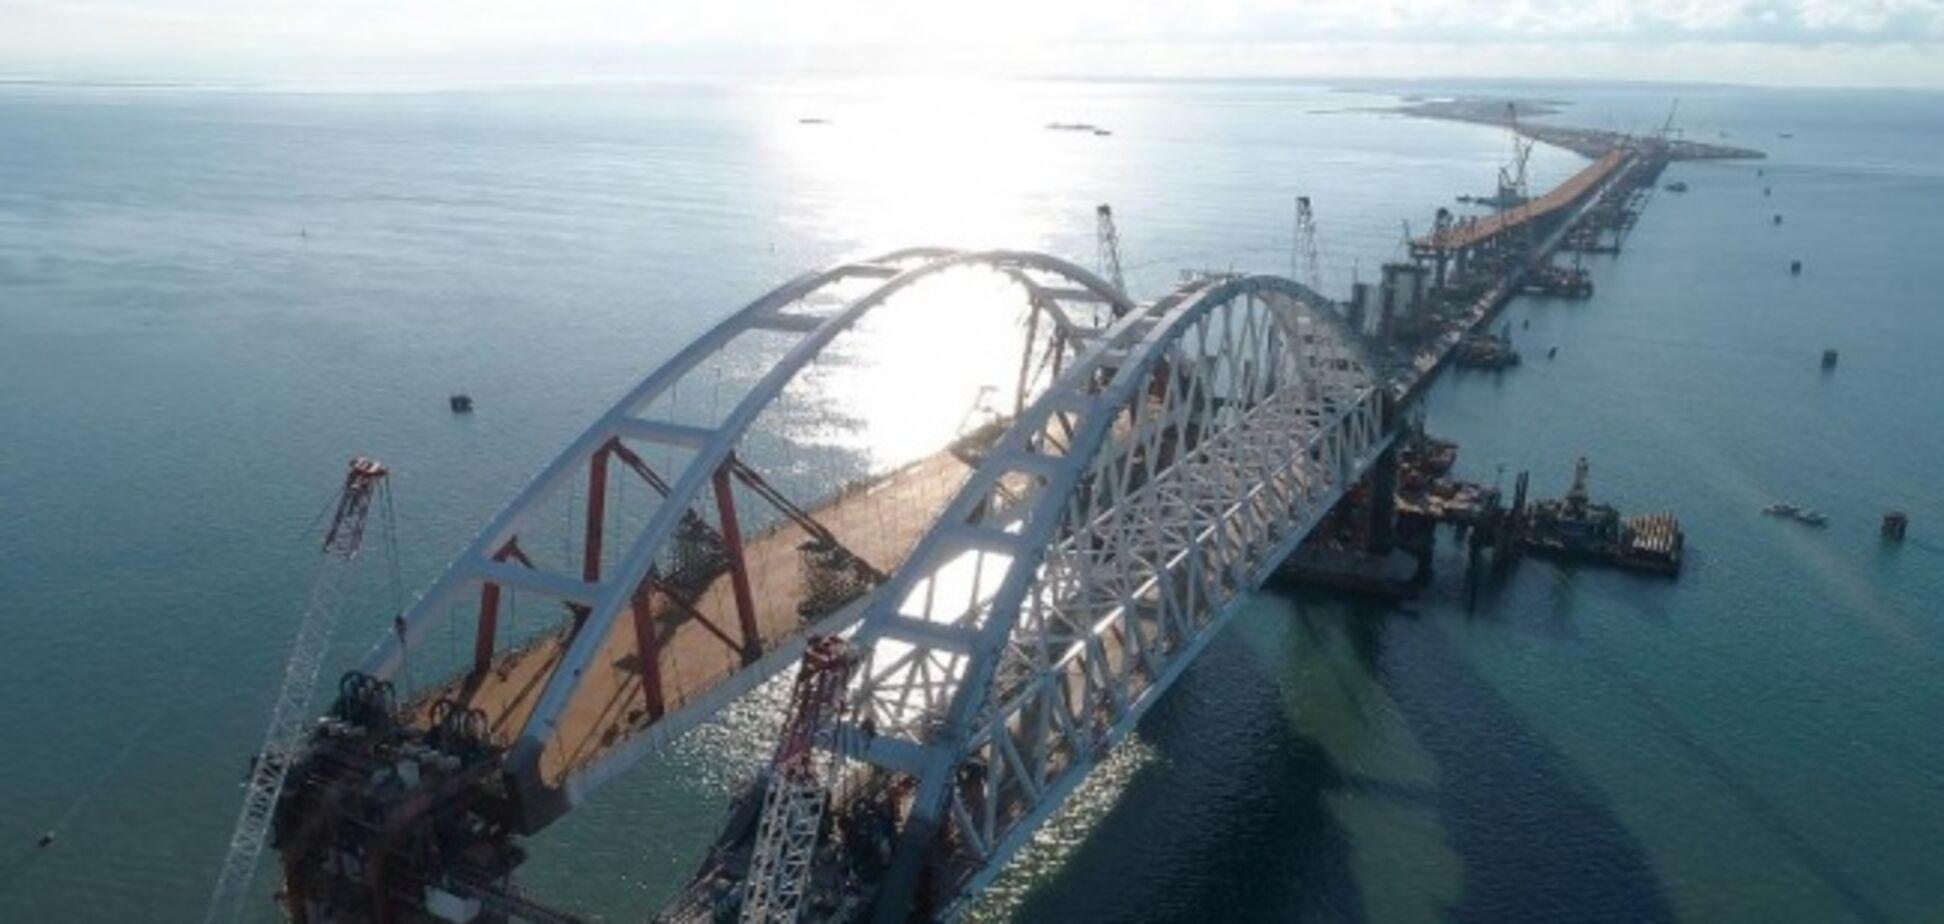 Чтобы Путин мог похвастаться: Крымский мост ляжет на плечи россиян